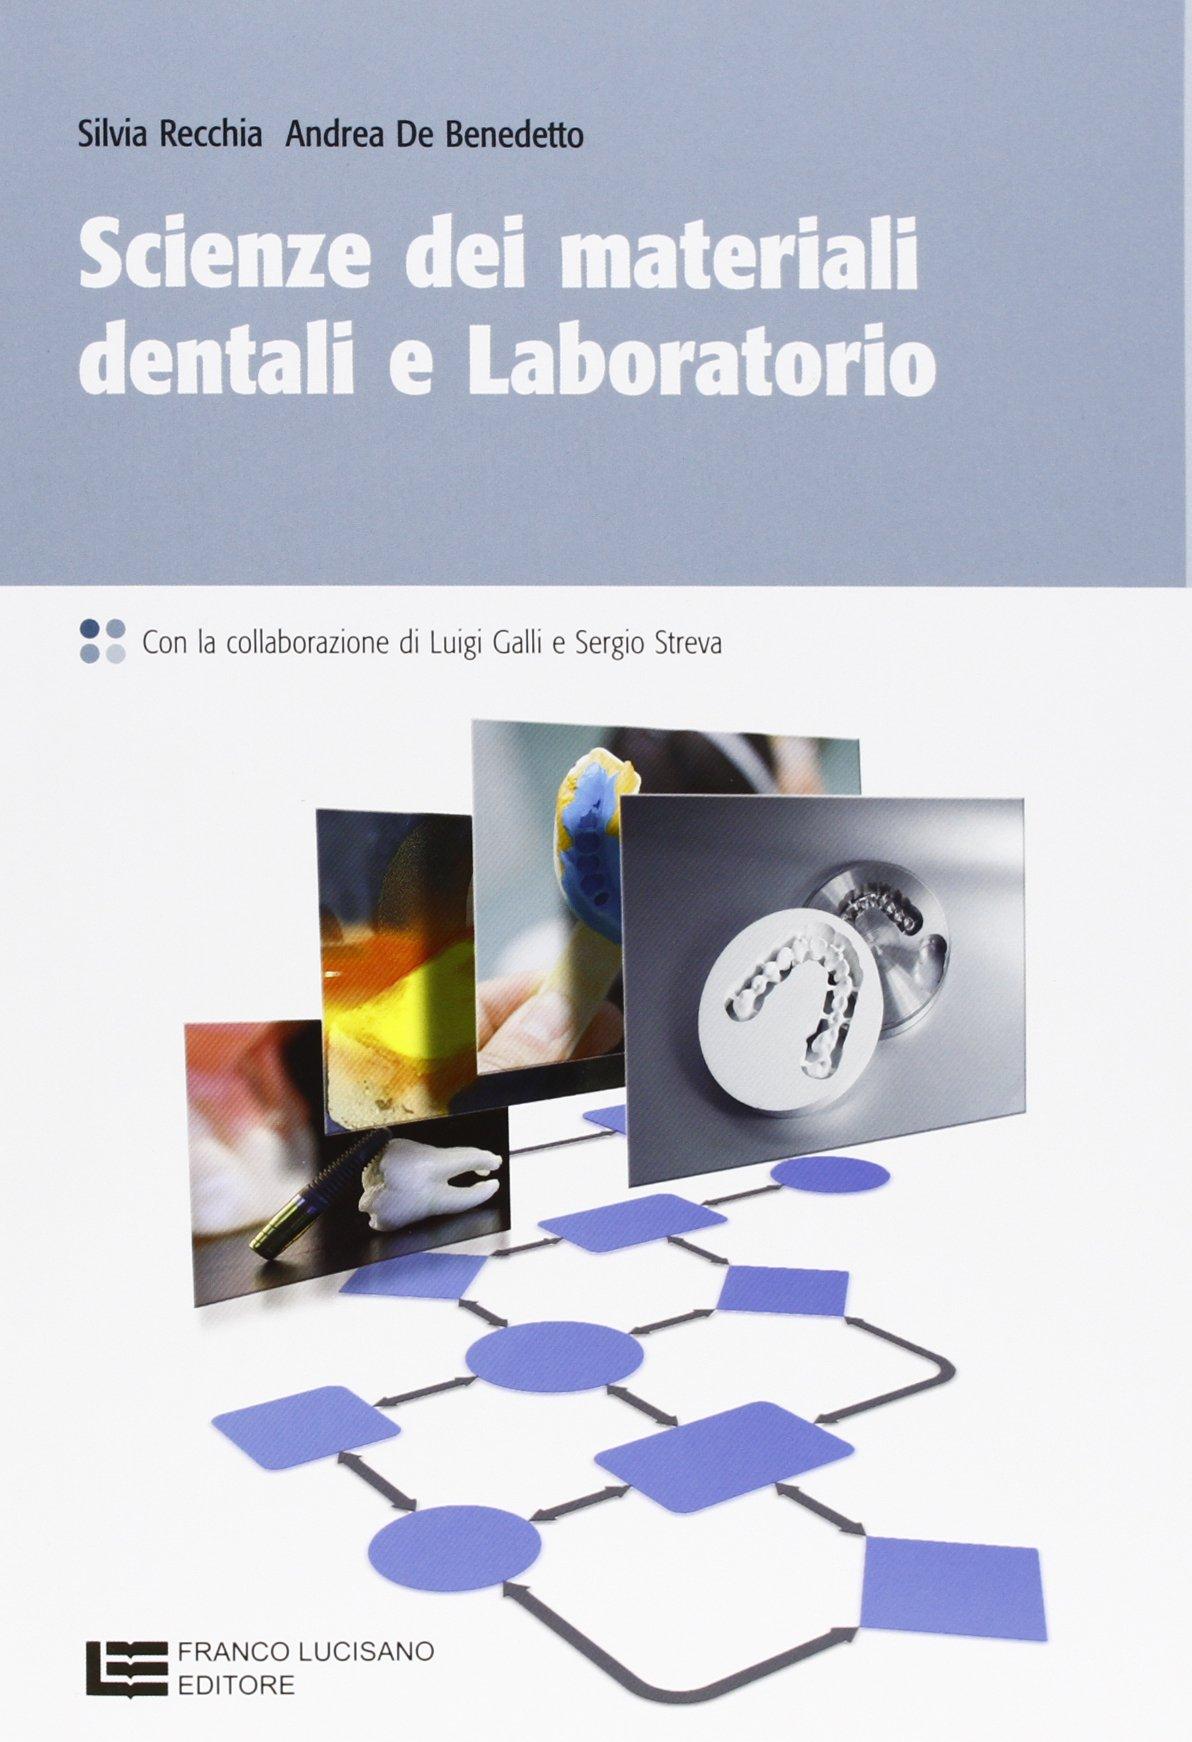 Materiali Amazon Scienza E it Per Le Dei Dentali Laboratorio zSZw47Sq